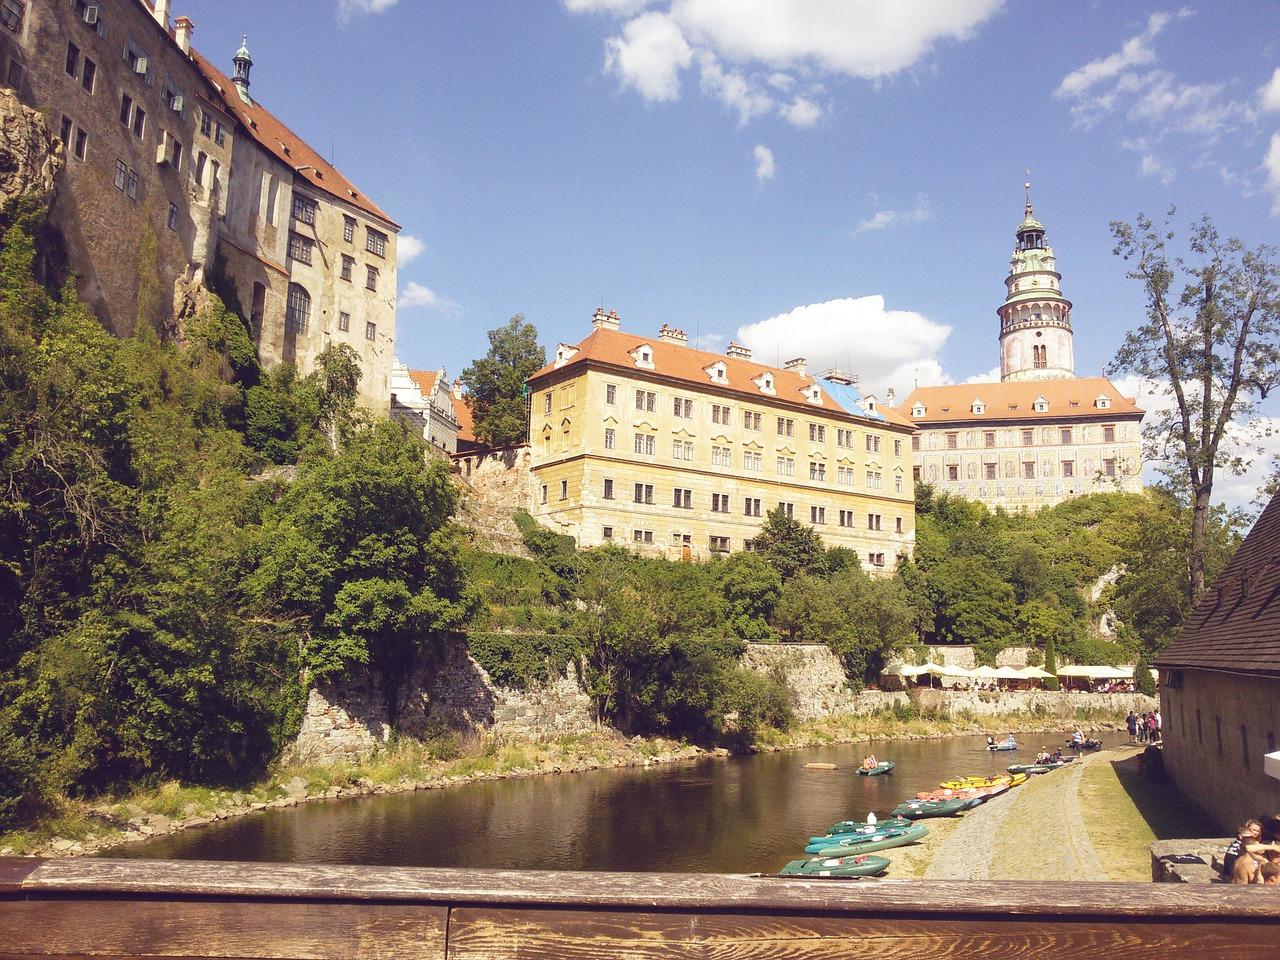 Z penzionu v centru Českých Budějovic na výlety vlakem s jízdními koly